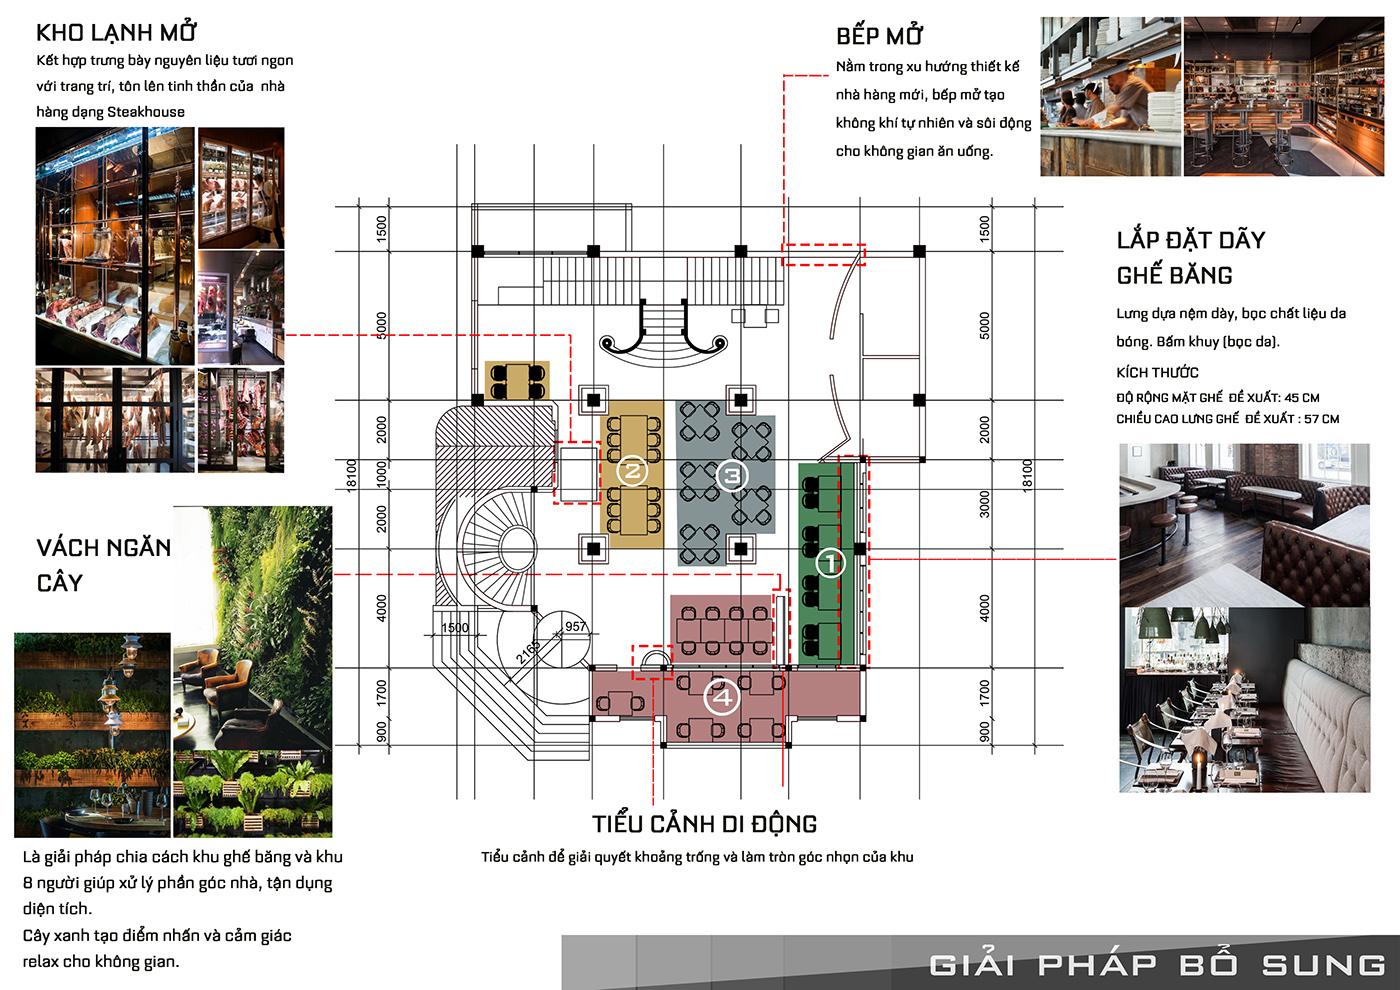 thiết kế nội thất Nhà Hàng tại Hồ Chí Minh Nội Thất Nhà Hàng Ngọc Sương Steak&Seafood - Q1 1 1534747107